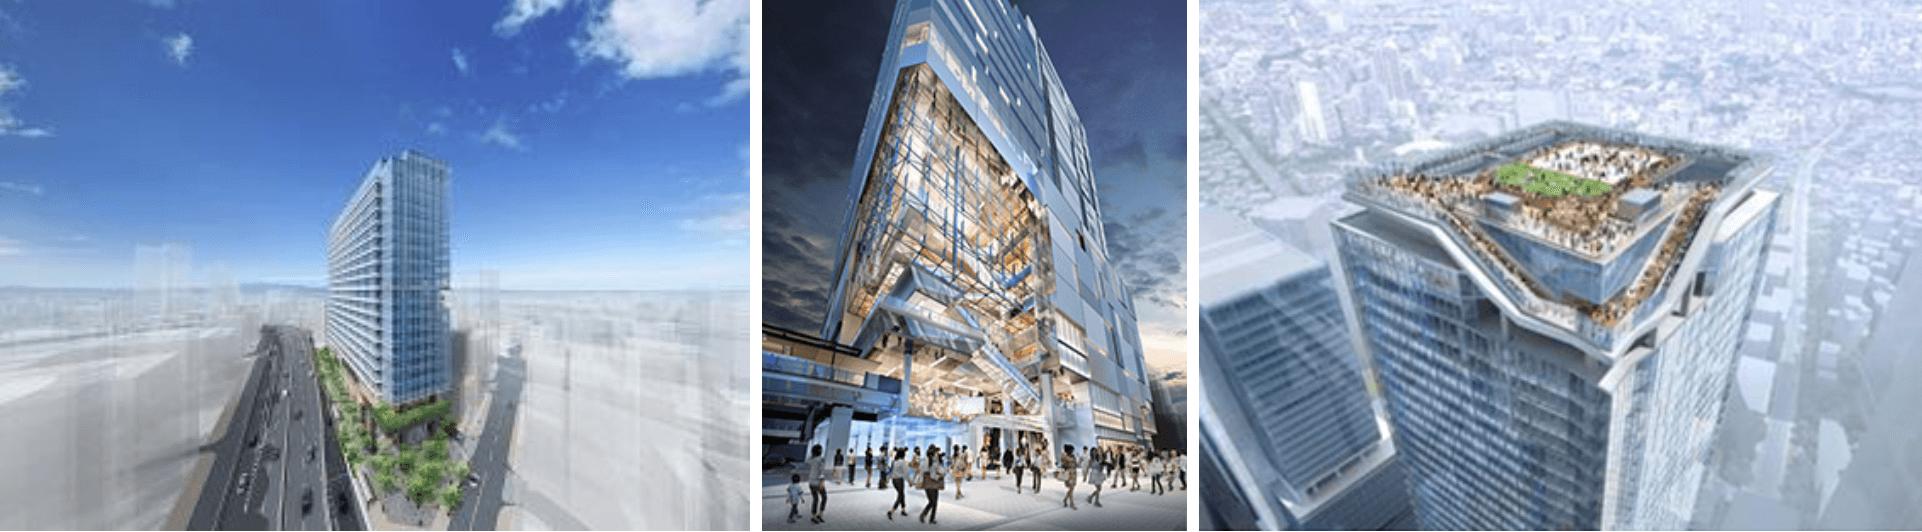 渋谷再開発で立つビル